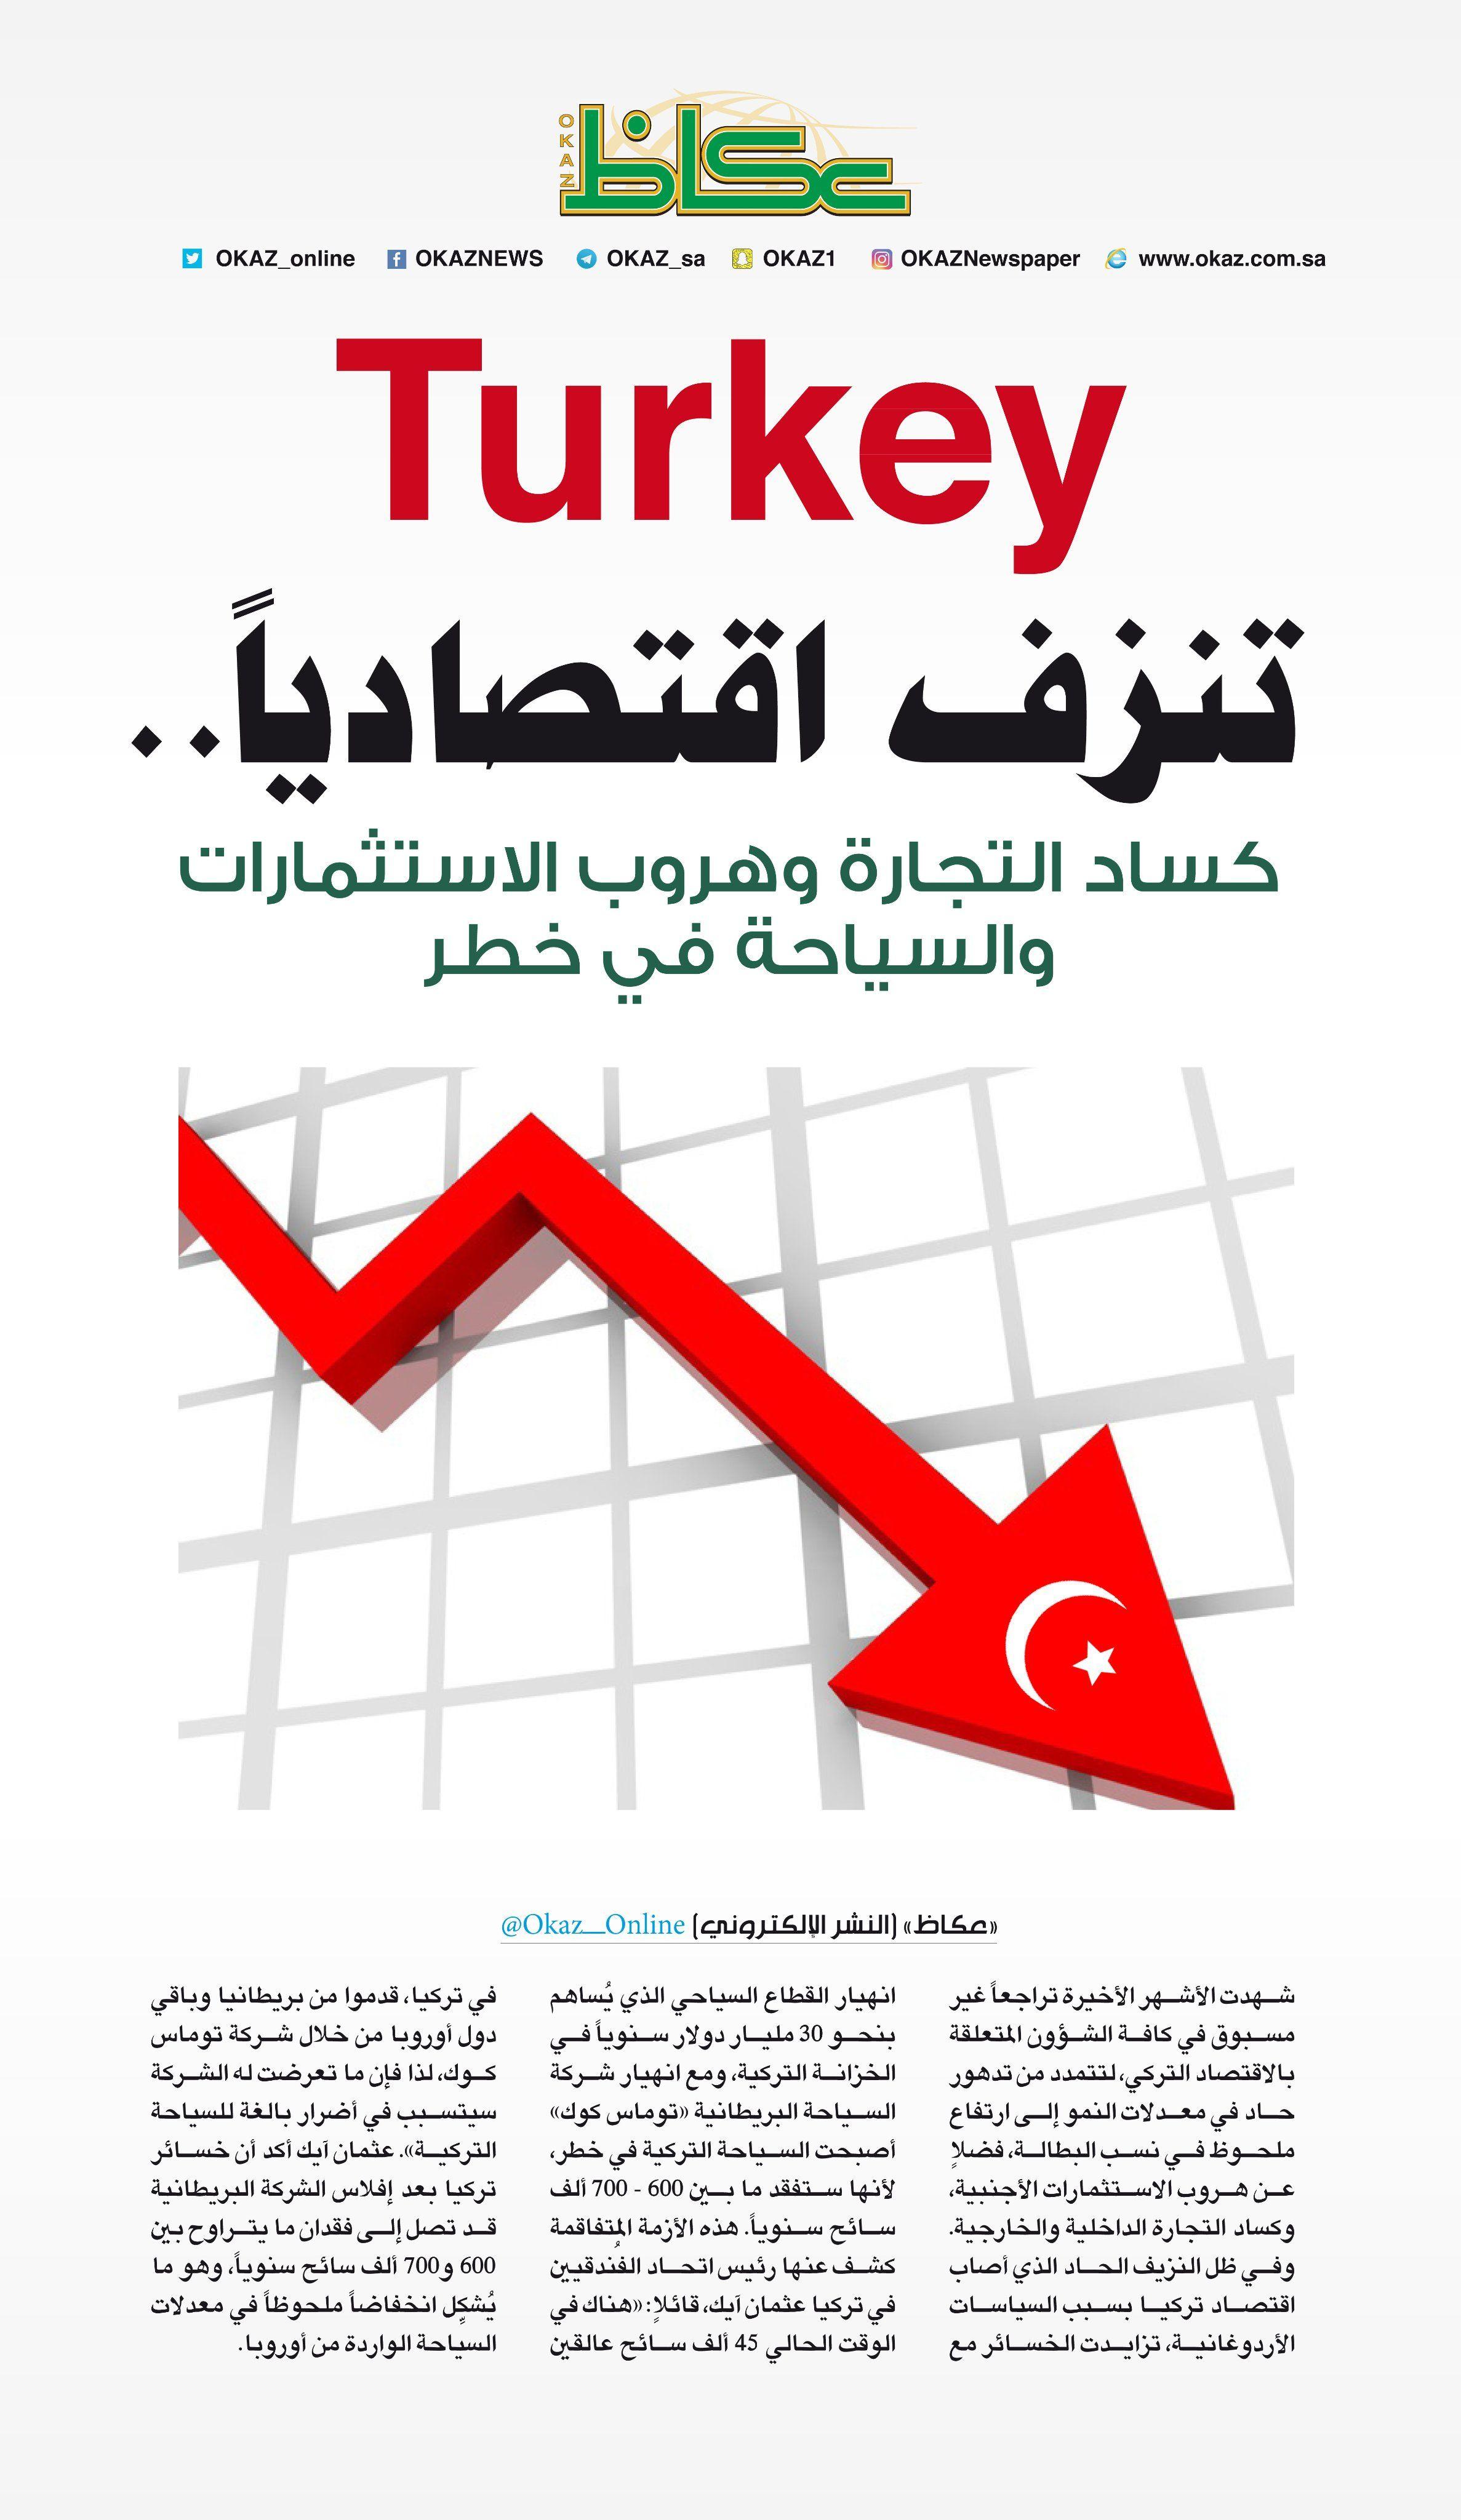 تركيا تنزف اقتصاديا كساد التجارة وهروب الاستثمارات والسياحة في خطر Novelty Sign Saudi Arabia News Novelty